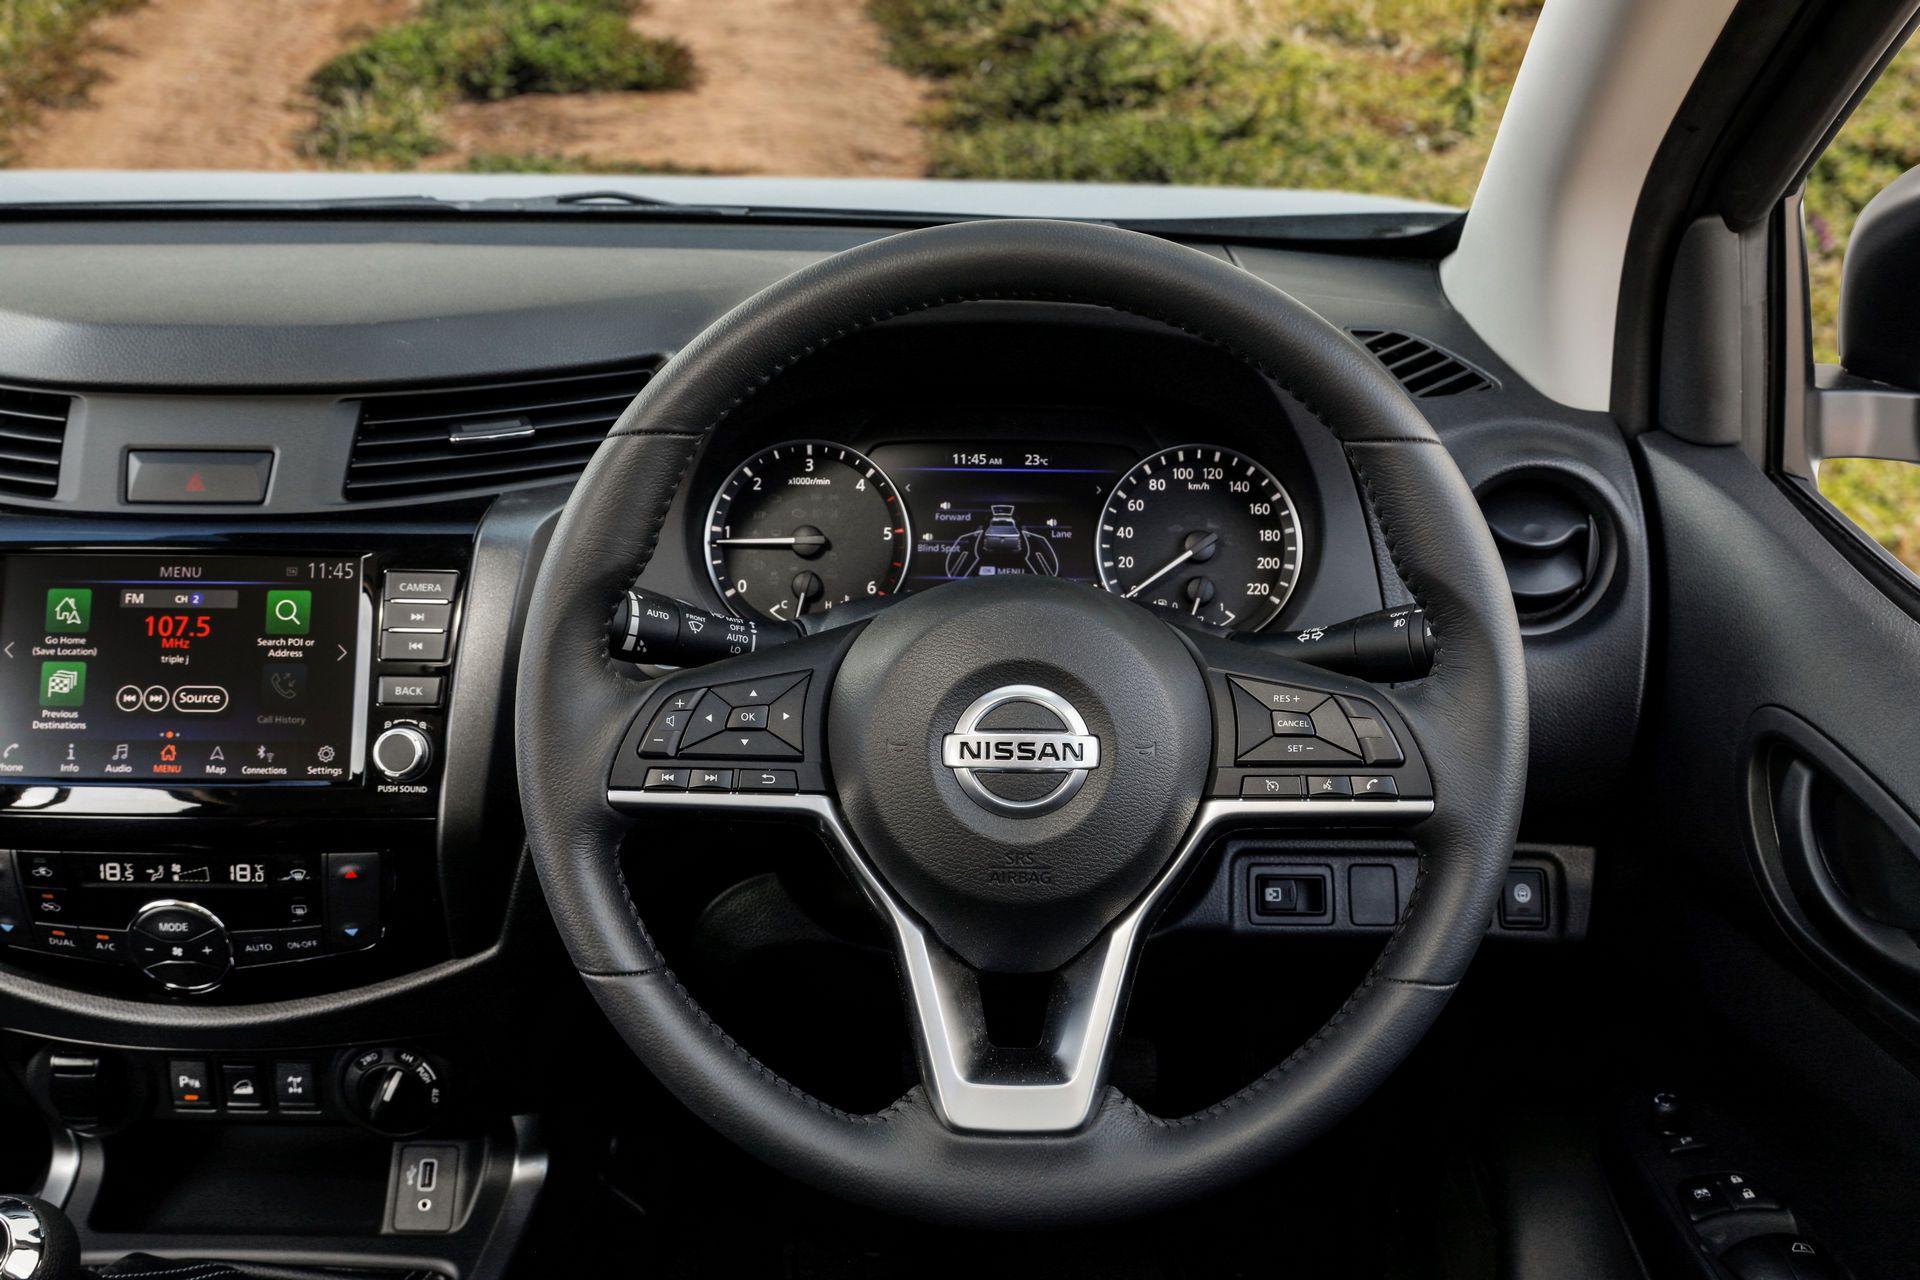 Nissan-Navara-2021-27-2